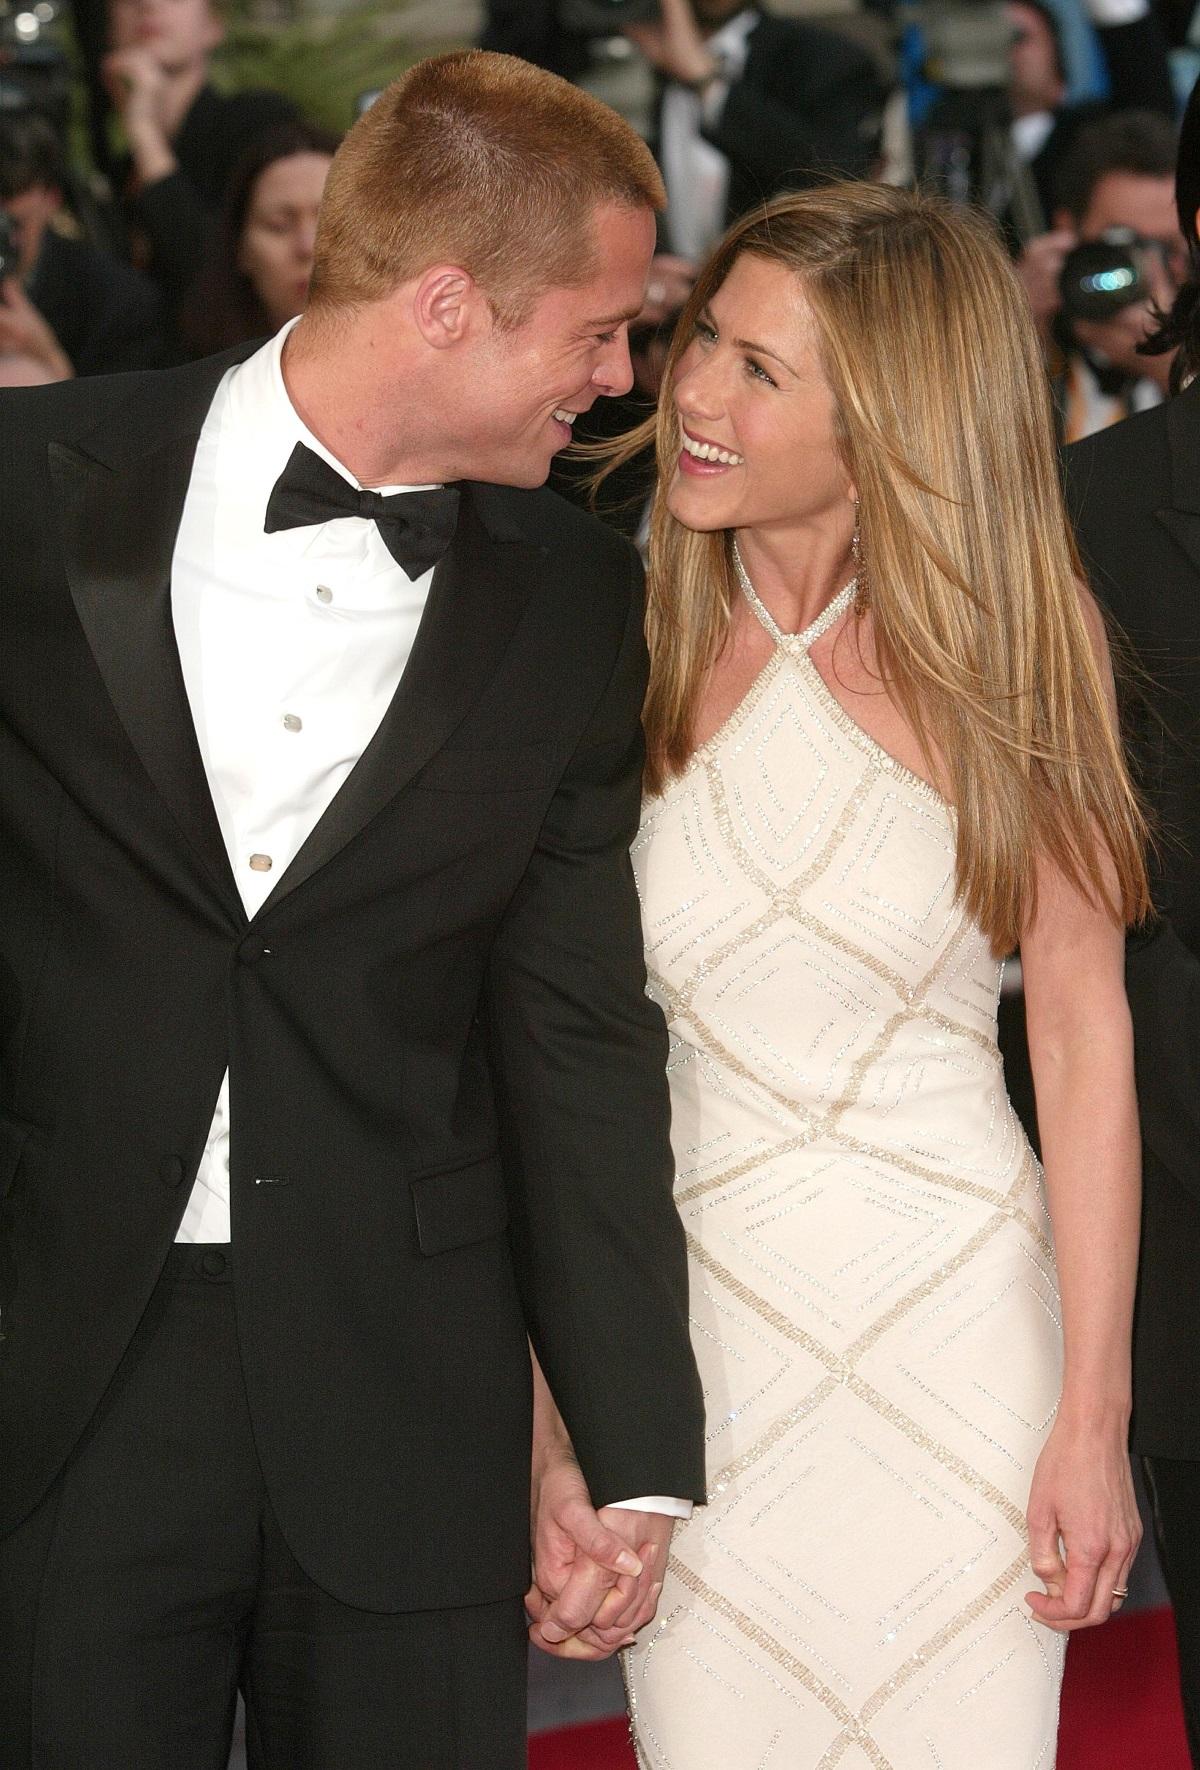 """След Полтроу през 1999 г. Брад Пит започва една от най-трайните си връзки с актрисата Дженифър Анистън. Техните агенти ги запознават, двамата се влюбват и сключват брак година по-късно в Малибу. По това време Анистън участва в сериала """"Приятели"""", където в един от епизодите играе и Брад. Двамата се разделят през 2004 г., след като Брад я изоставя заради Анджелина Джоли."""